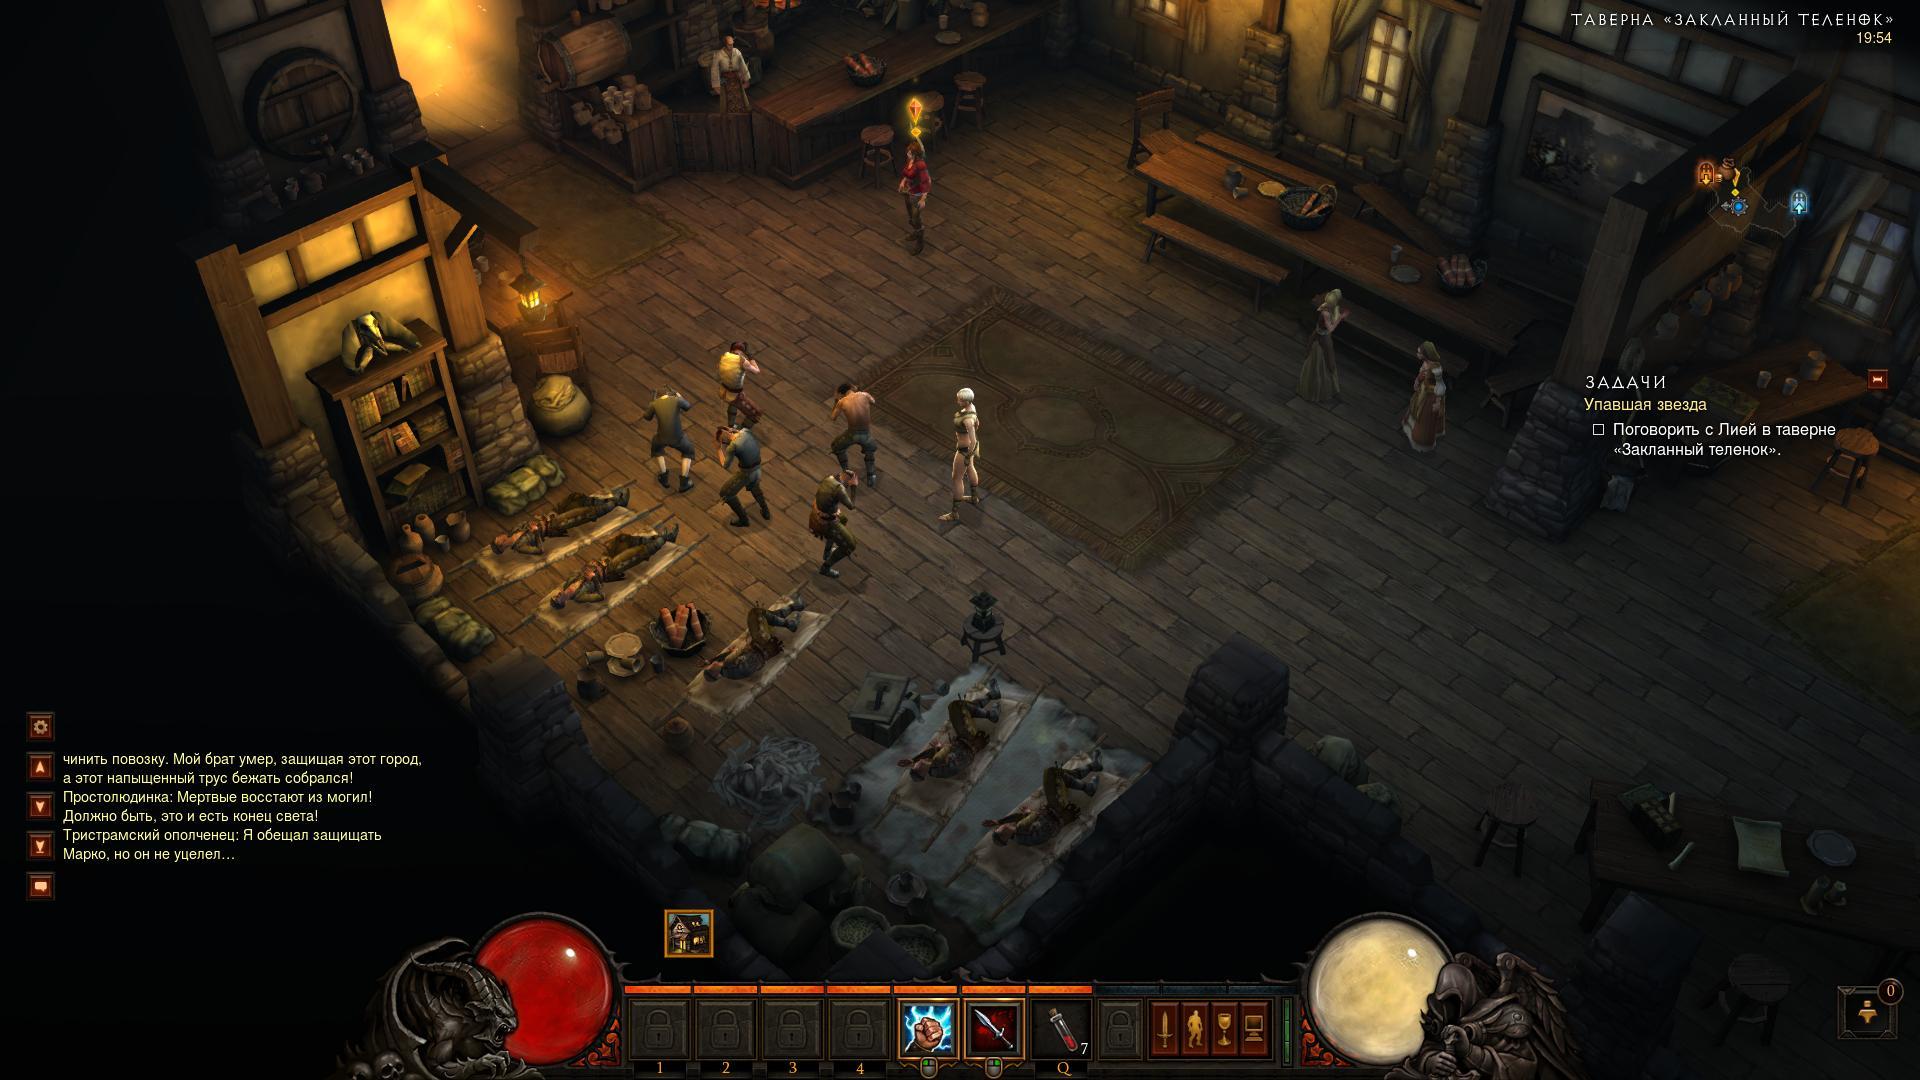 Diablo-3-Free-Download-9